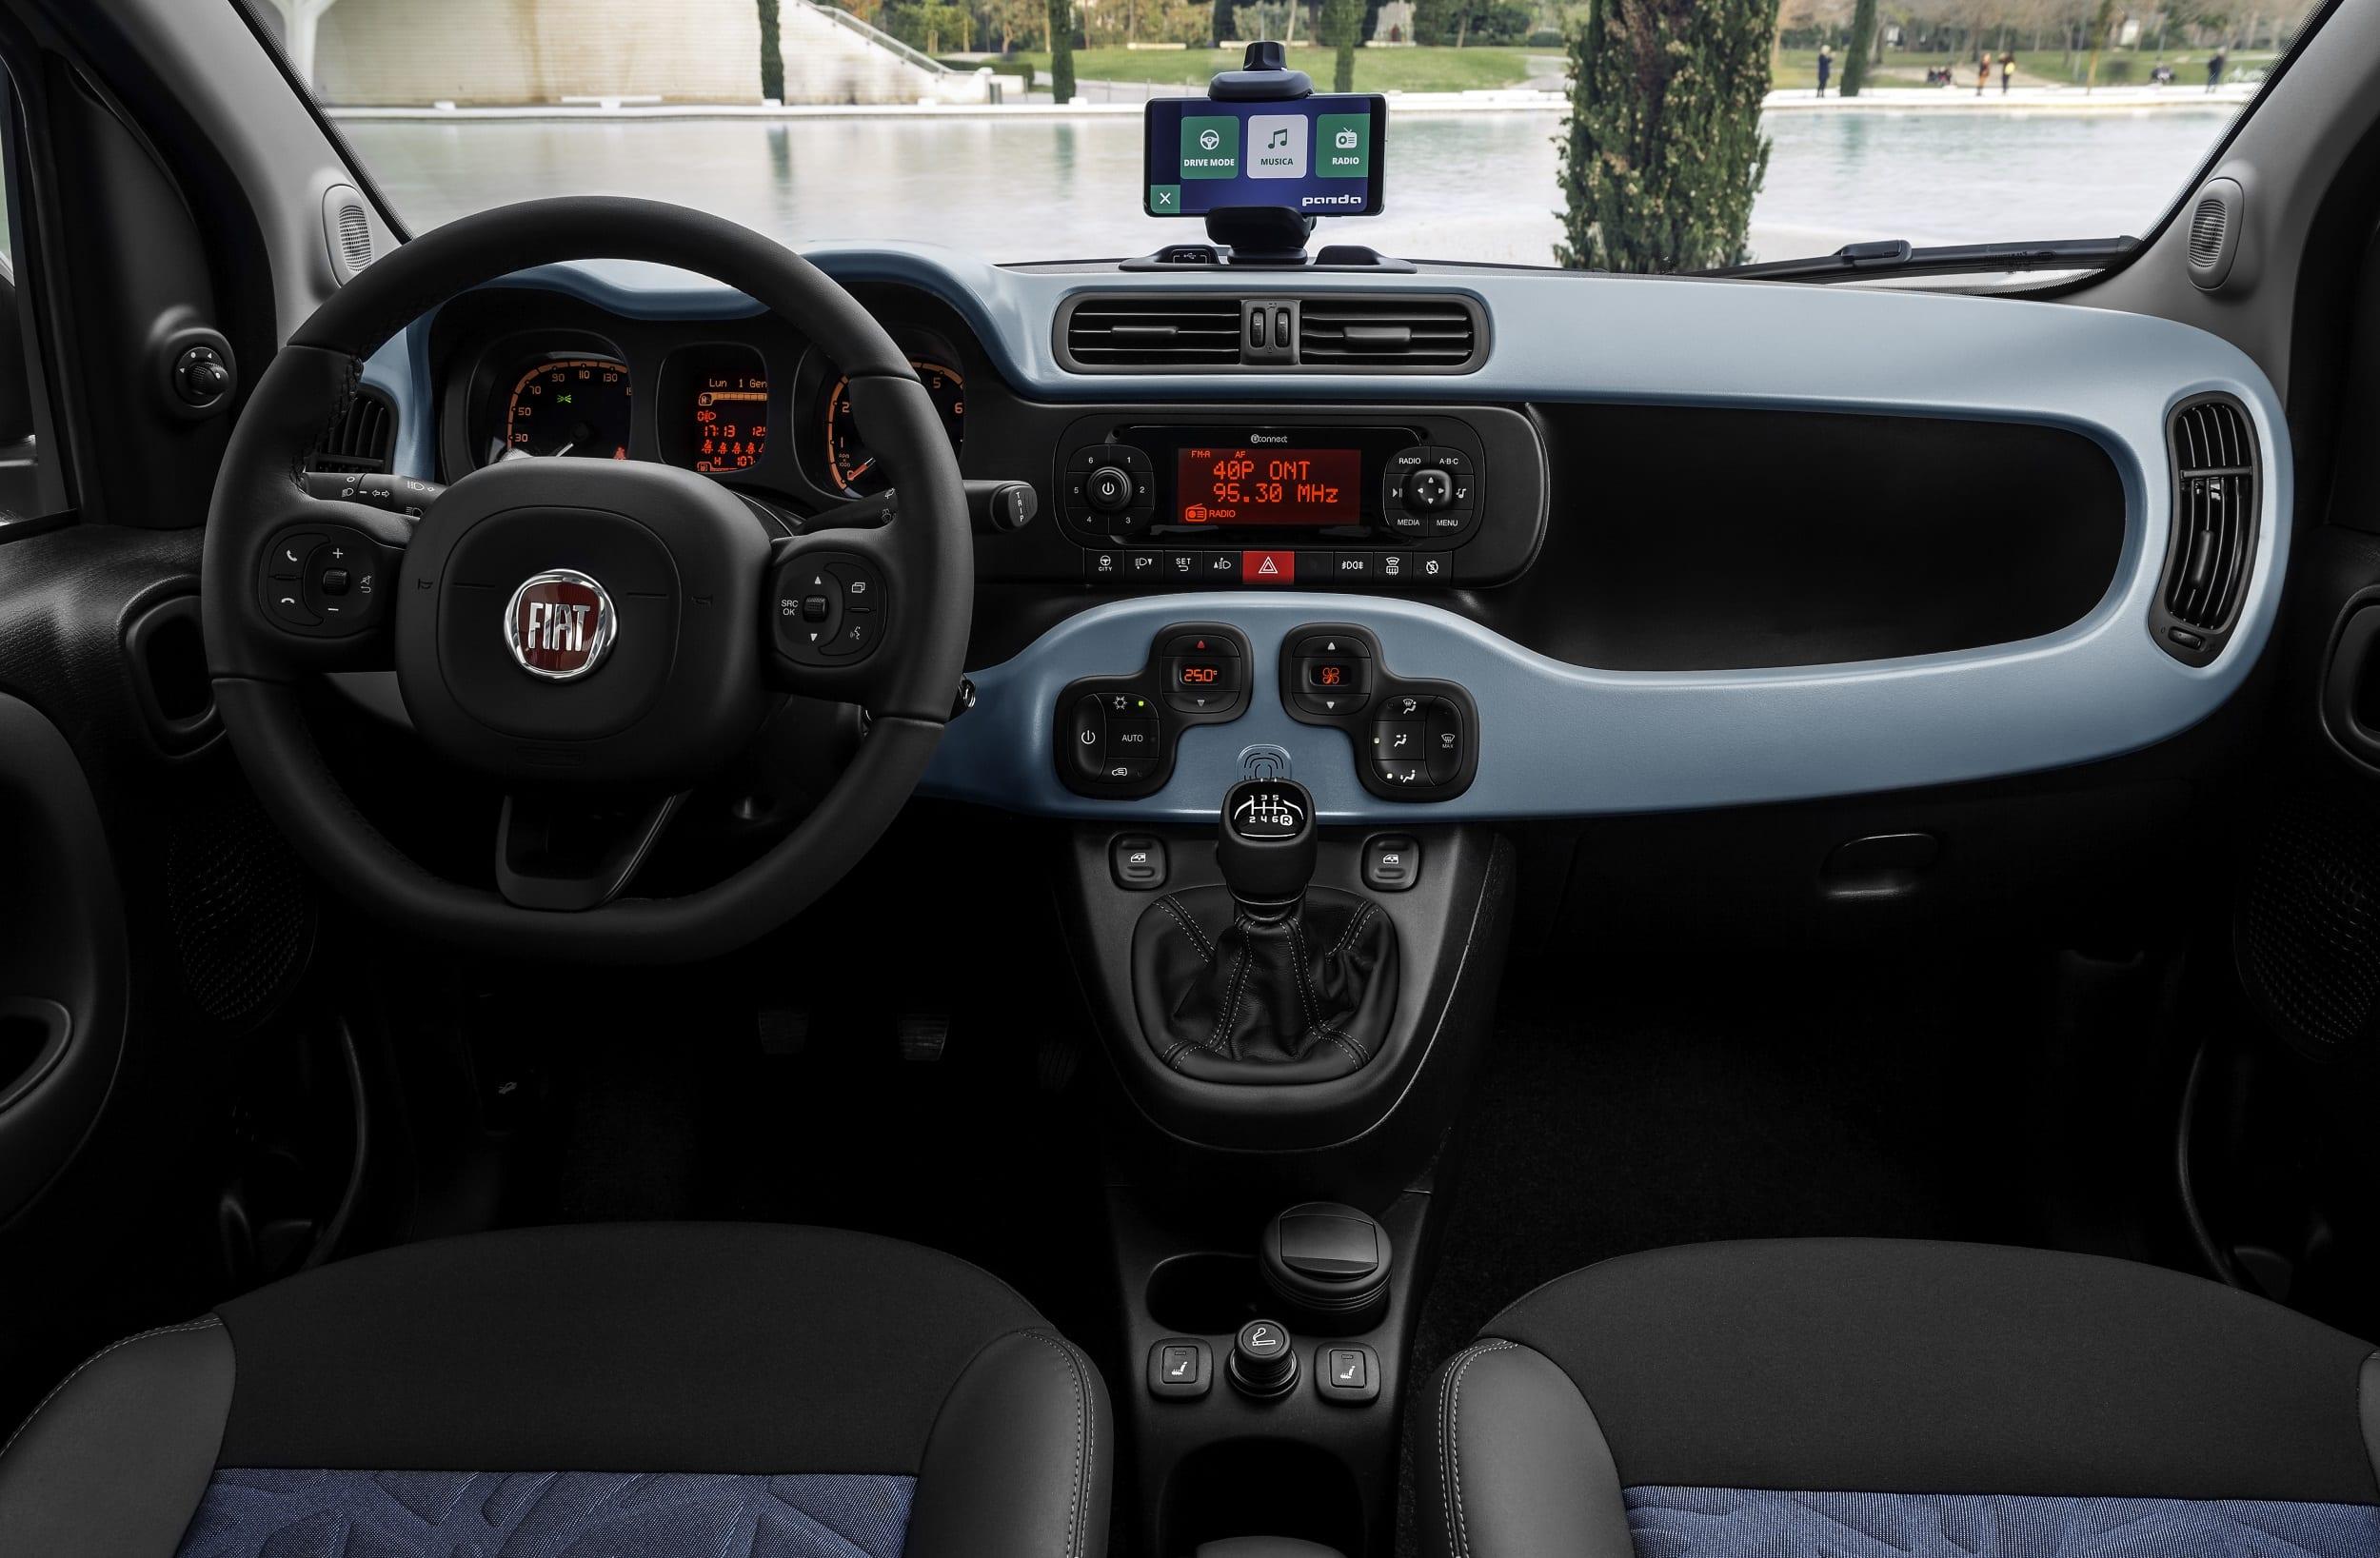 FIAT HYBRID 500 en Panda